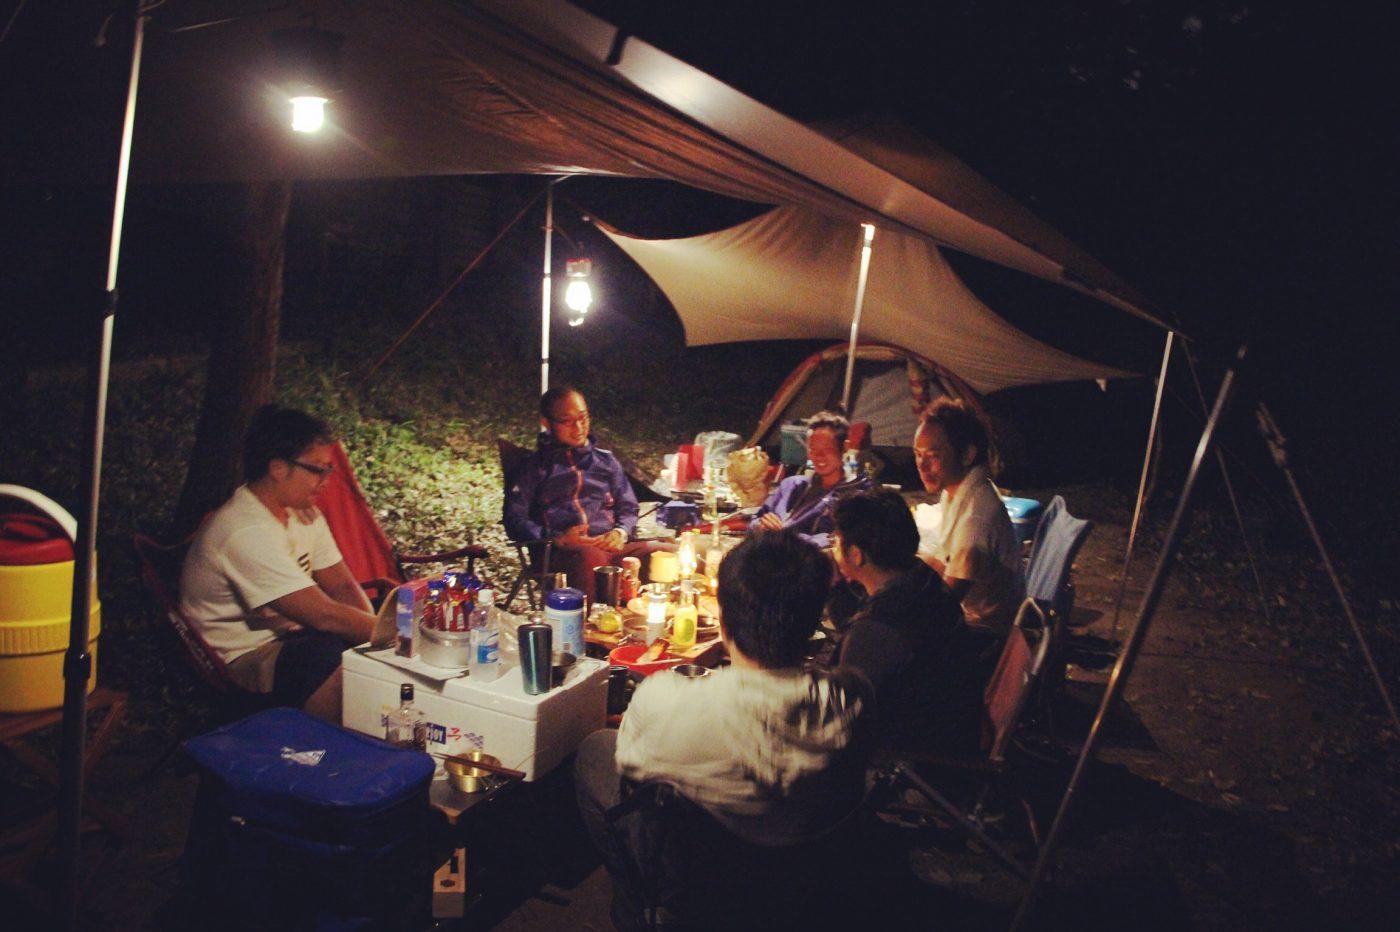 グループキャンプが1番キャンプを始めやすいかも。